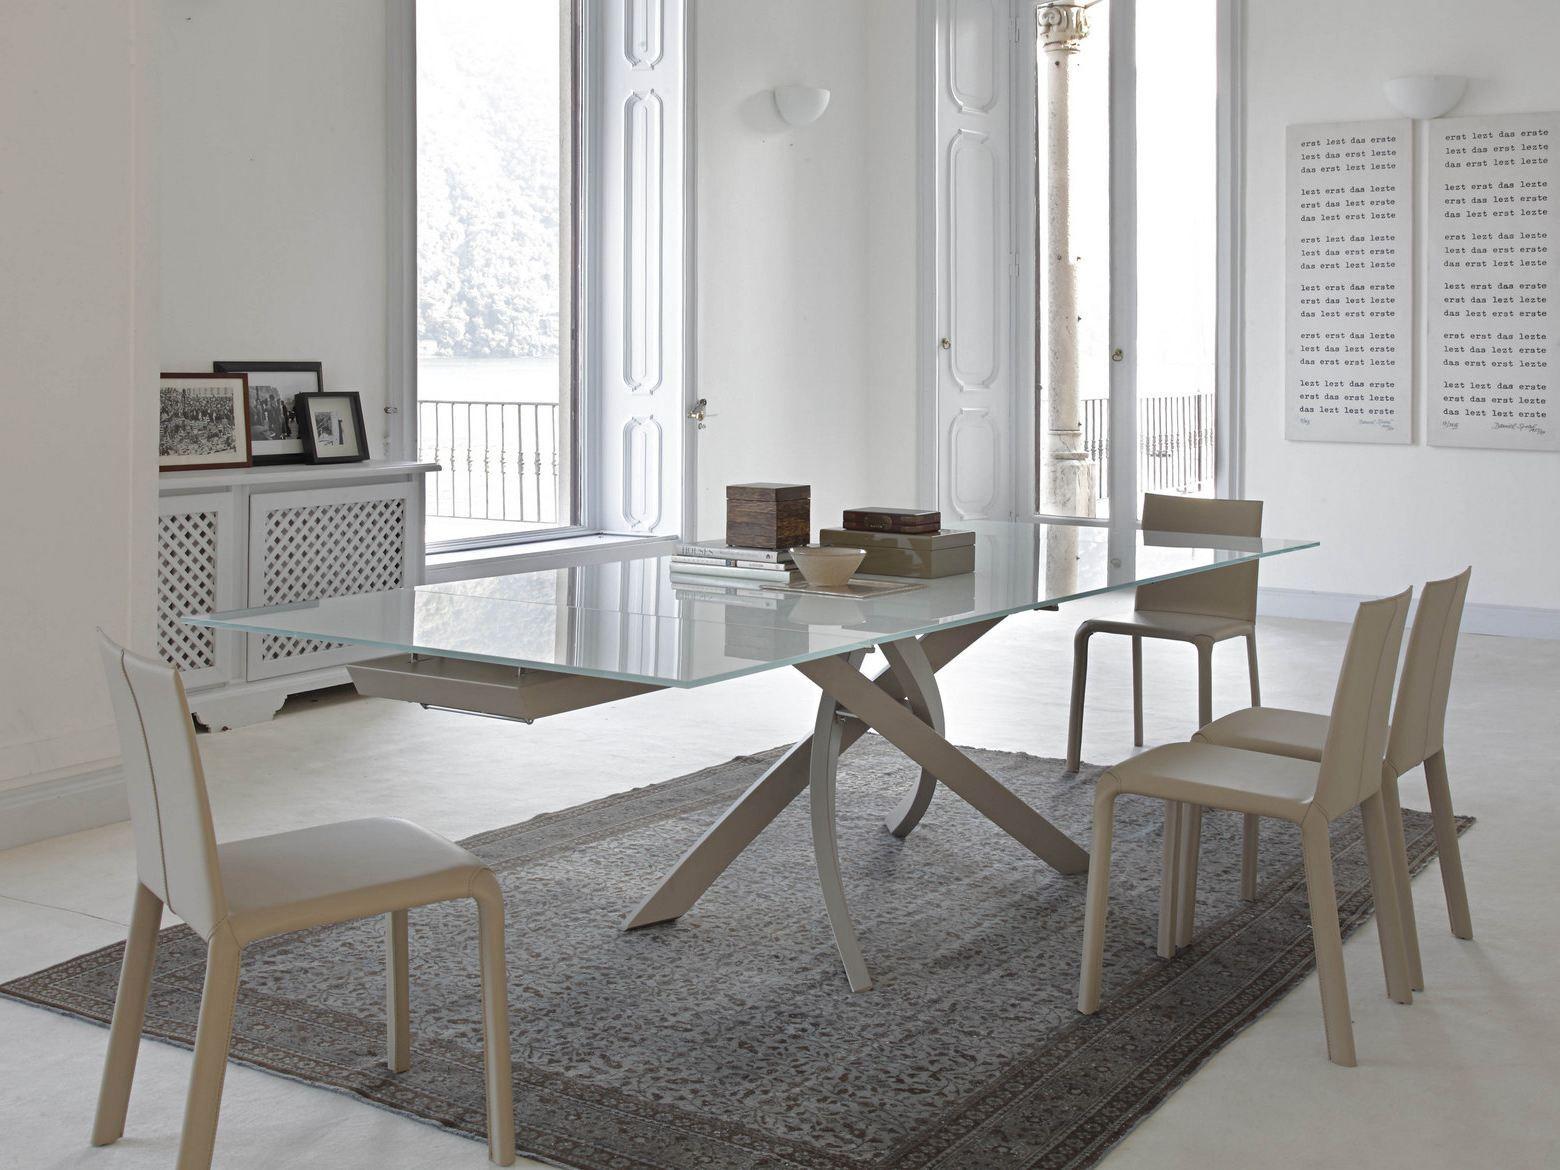 Tavoli allungabili vetro e legno tavolo allungabile 100 x 70 ...